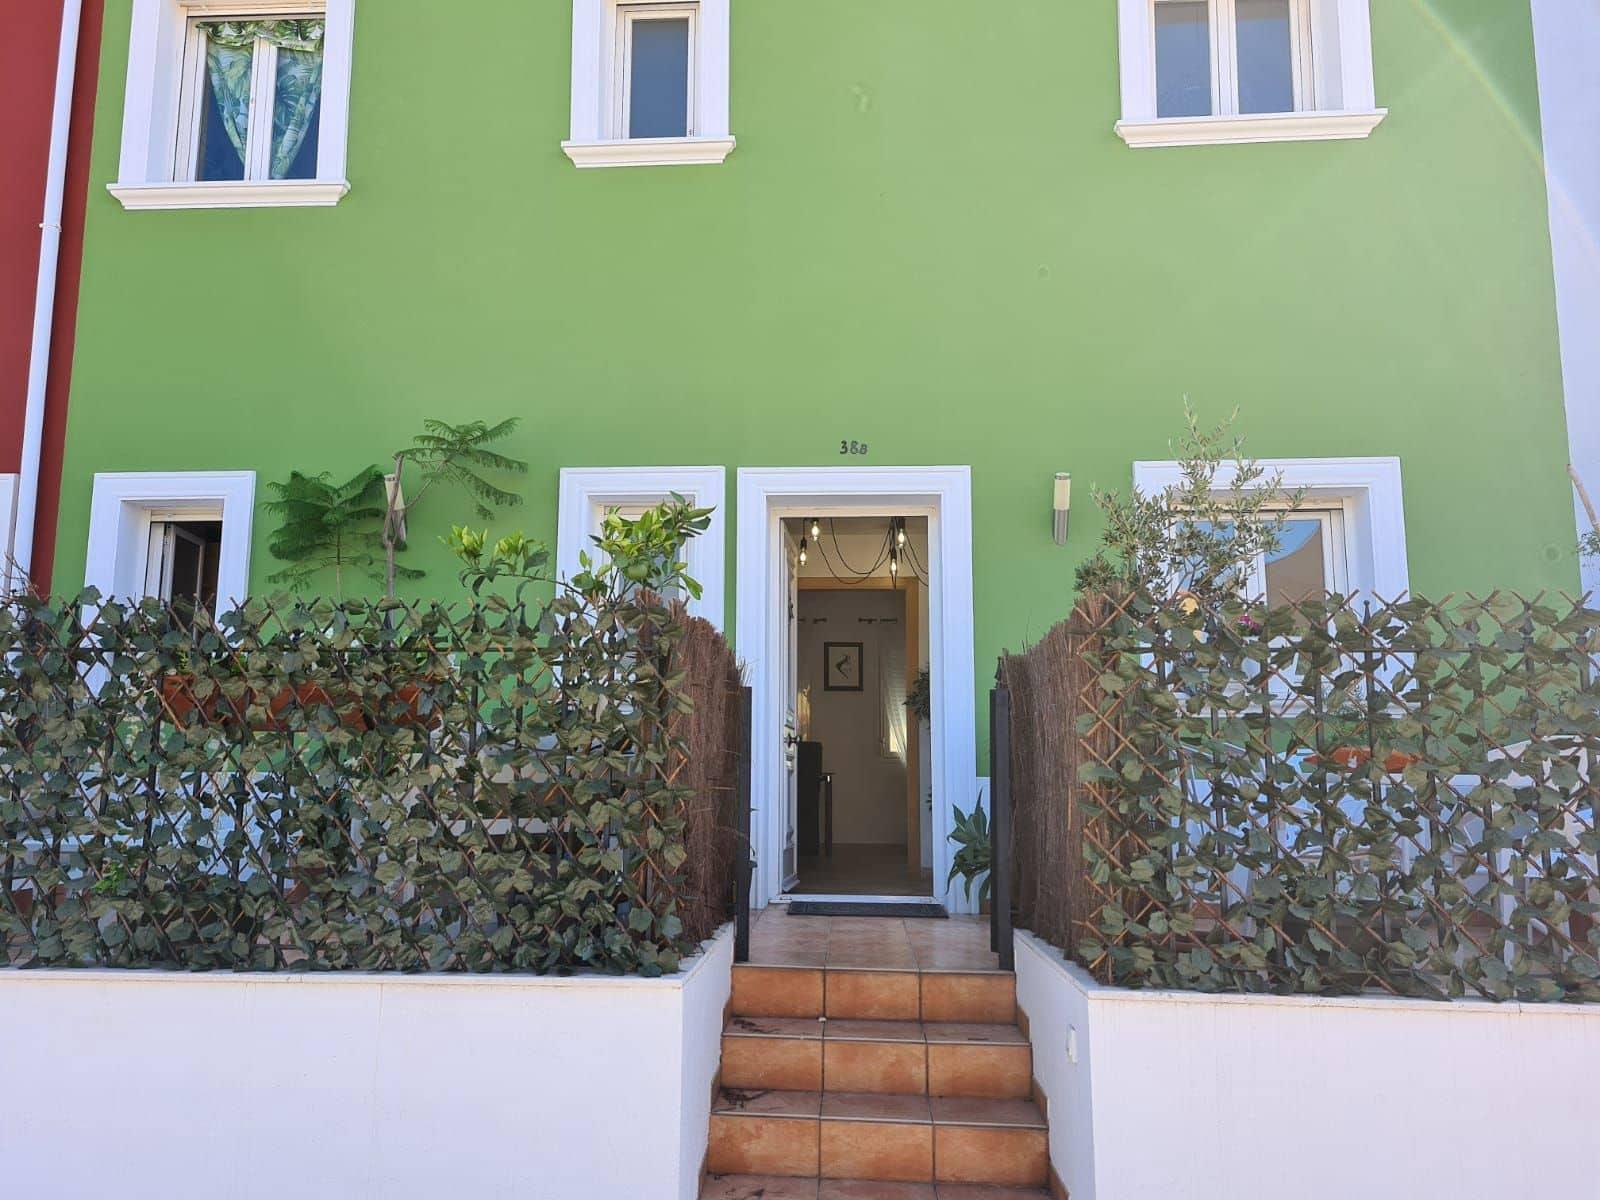 Casa de 3 habitaciones en Alcalalí / Alcanalí en alquiler vacacional - 600 € (Ref: 5586837)